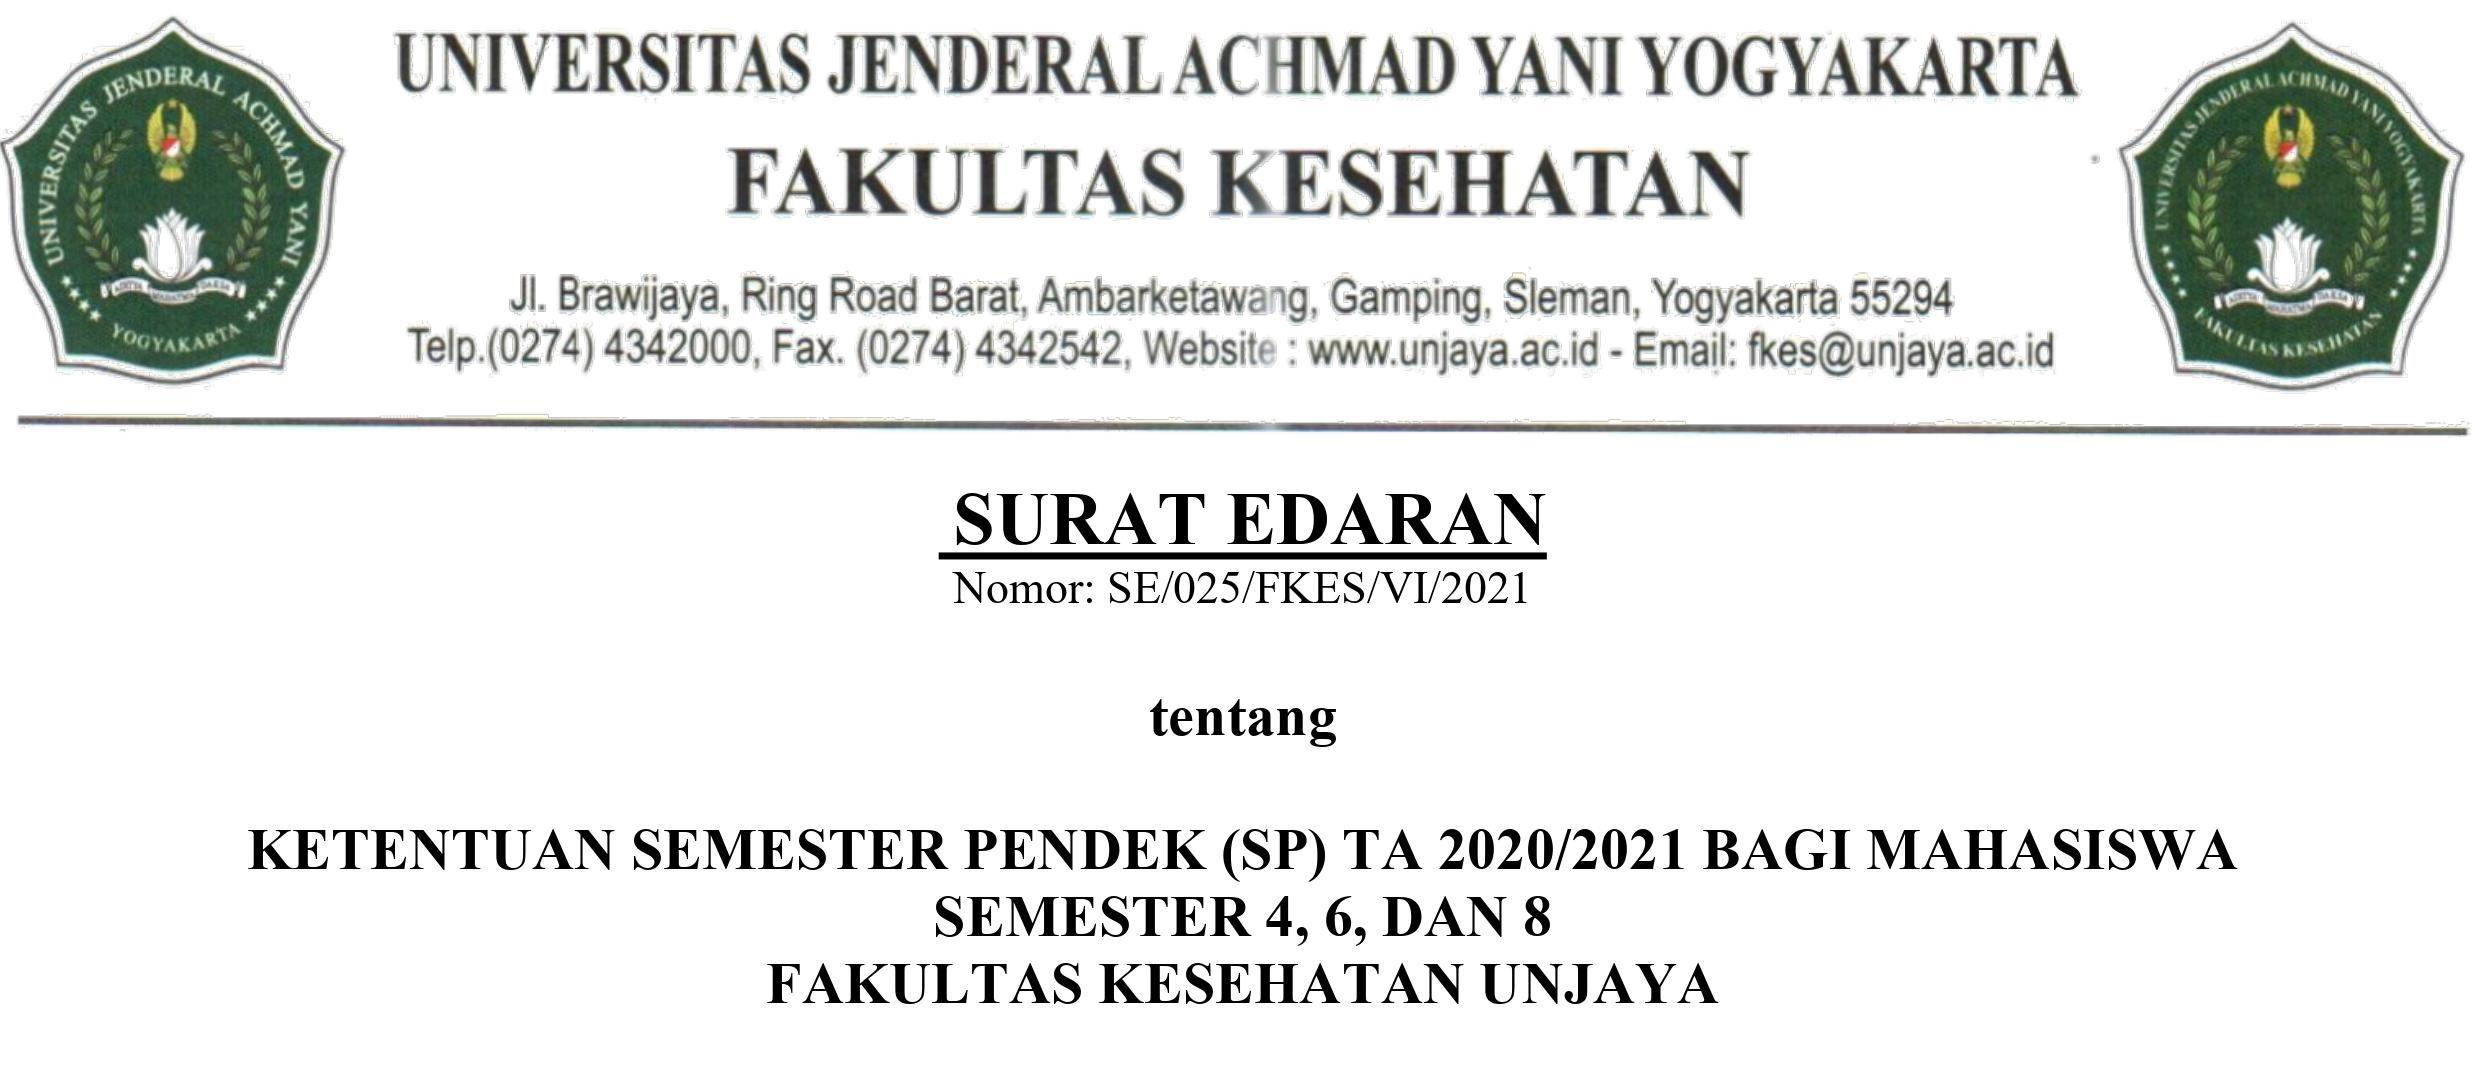 SURAT EDARAN TENTANG KETENTUAN SEMESTER PENDEK TA 2020/2021 BAGI MAHASISWA SEMESTER 4,6, DAN 8